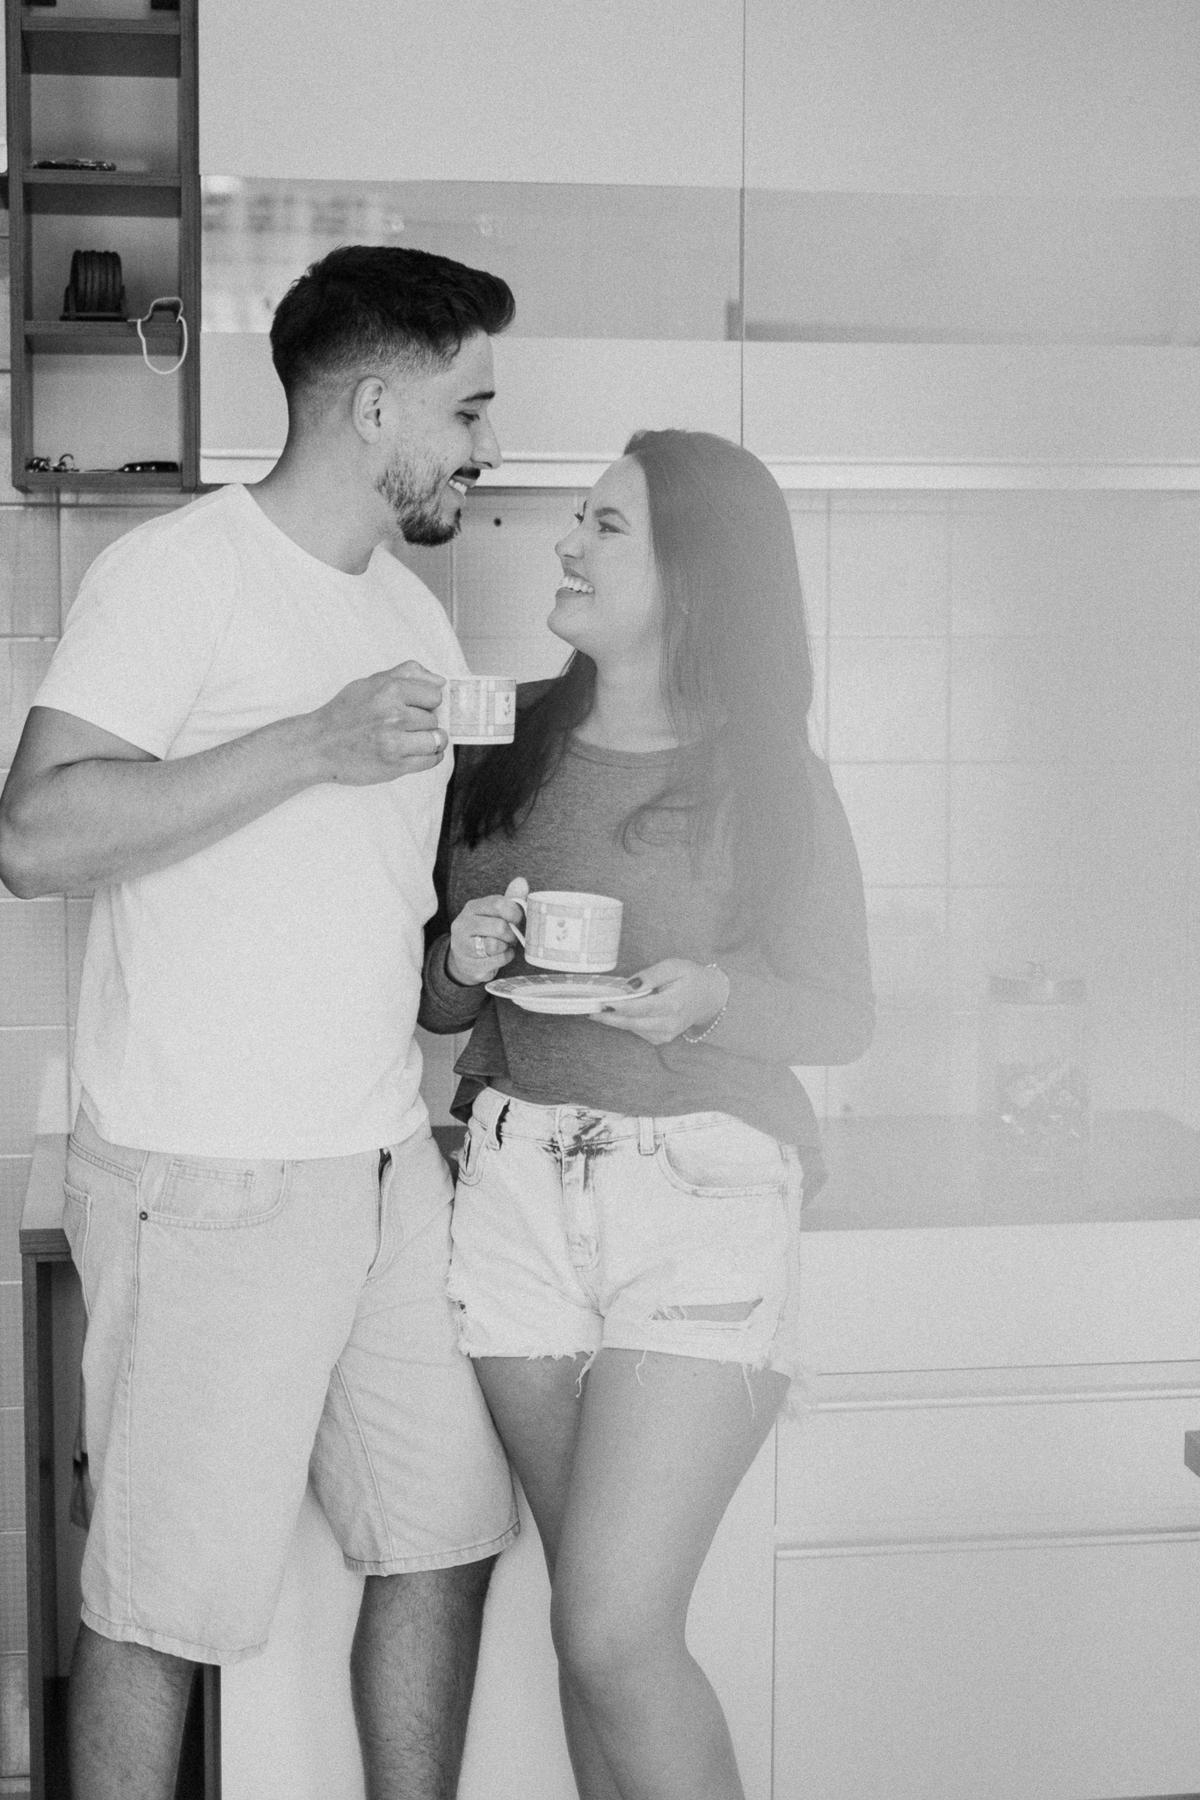 ensaio casal ensaio pre wedding fotos em casa ideias para ensaio fotografia de casamento cafe da manhã